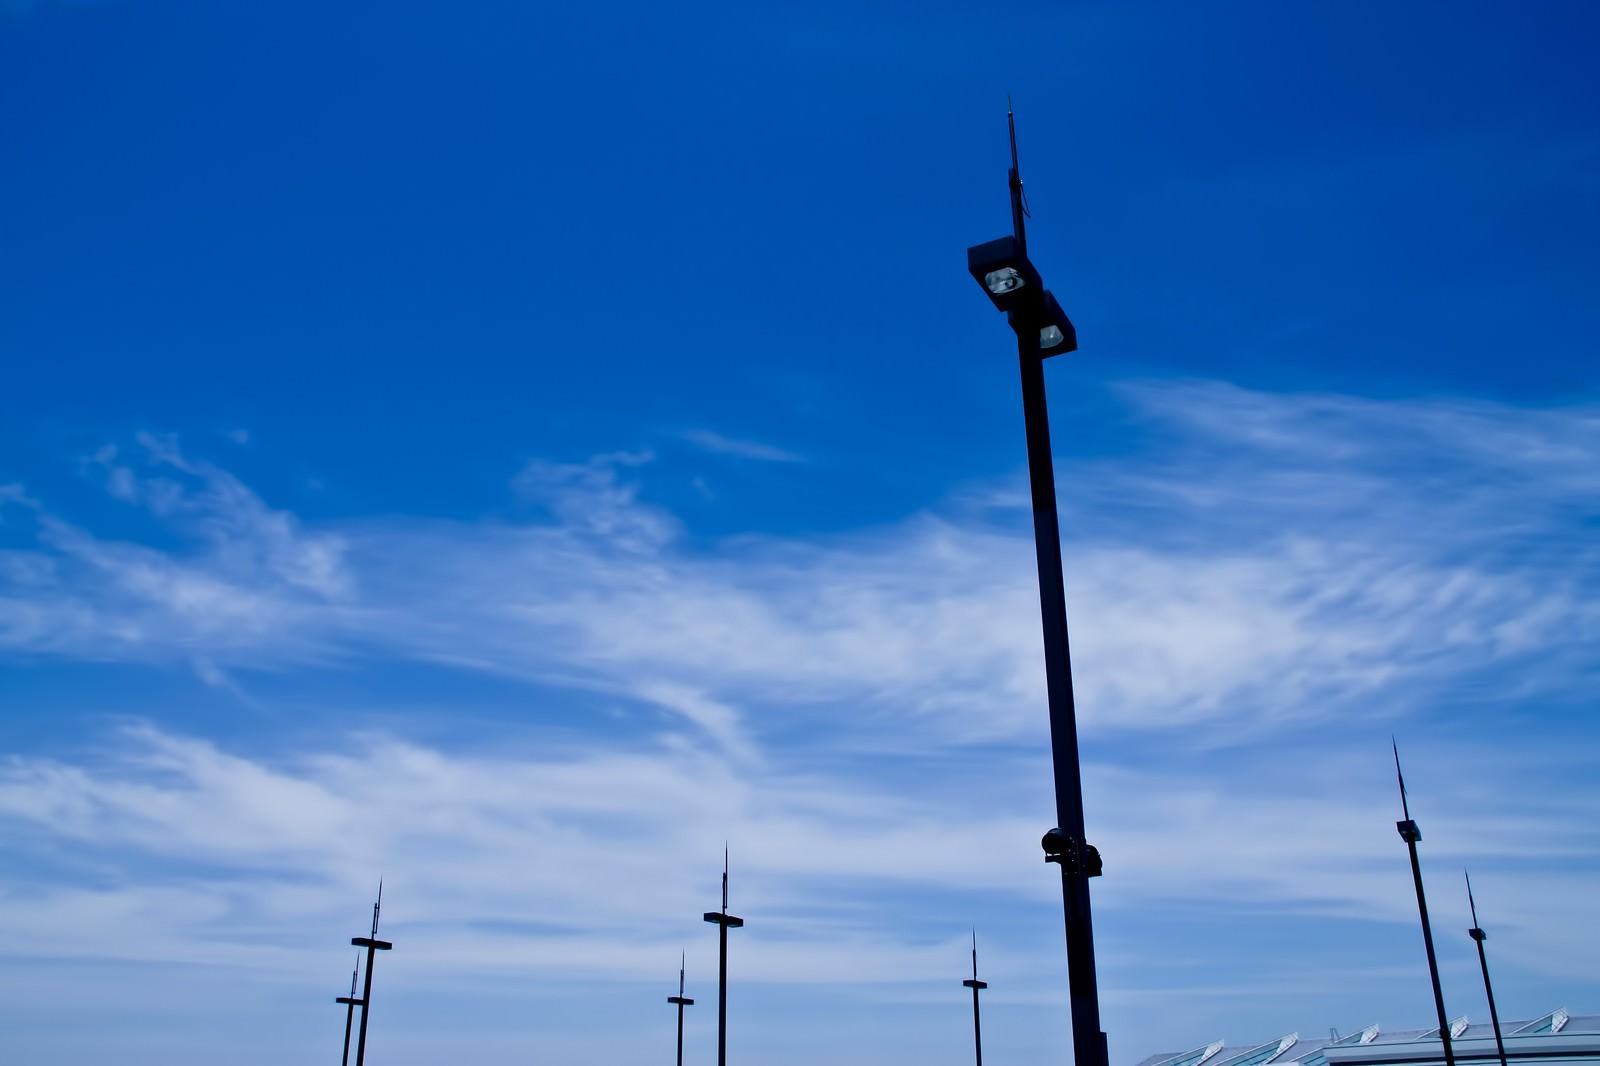 「街灯と青空街灯と青空」のフリー写真素材を拡大